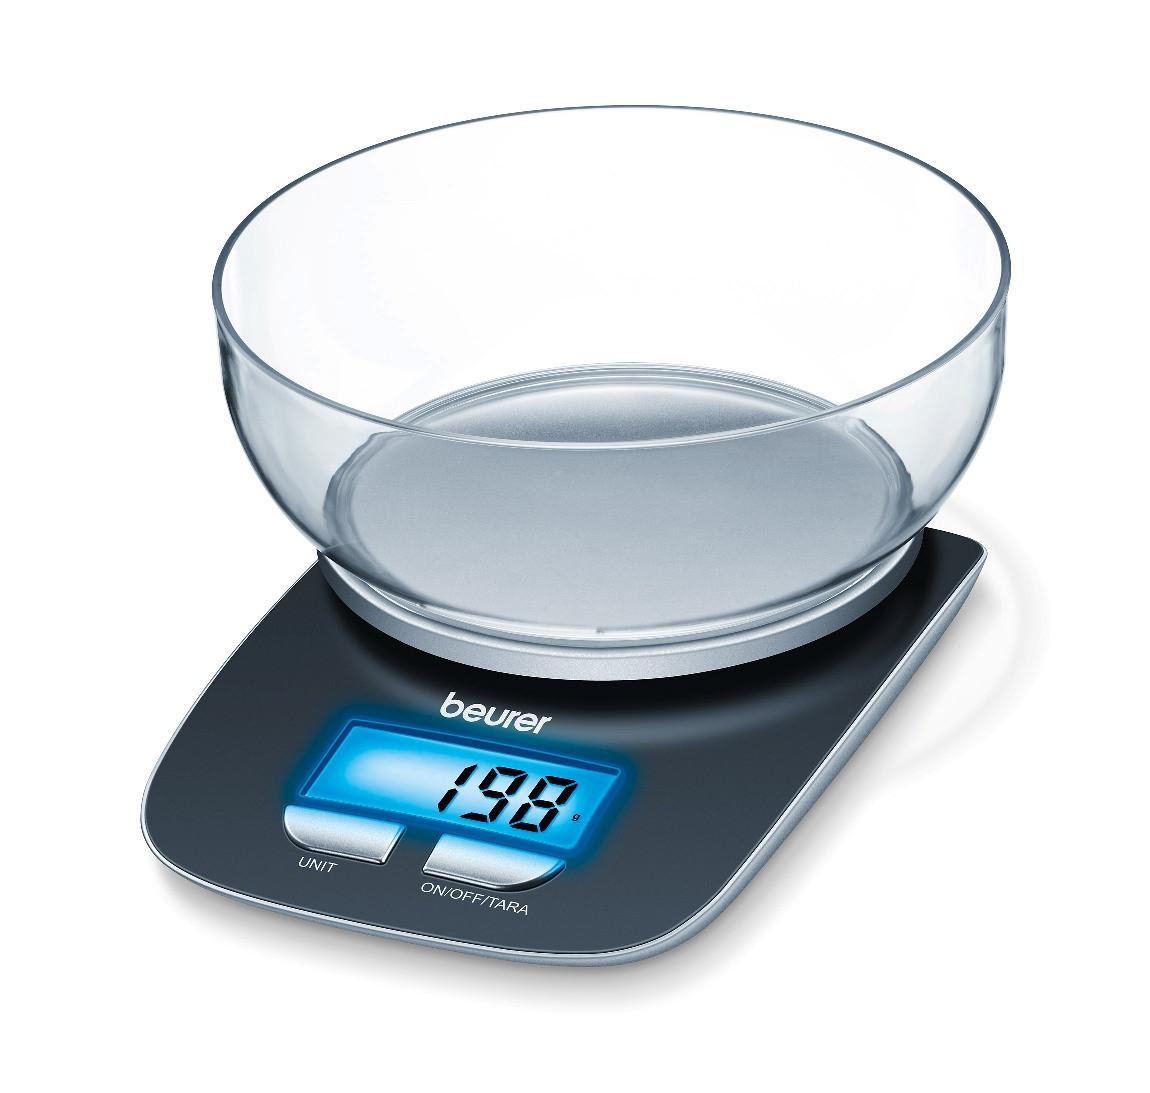 Весы кухонные KS 25, Бойрер (Beurer)